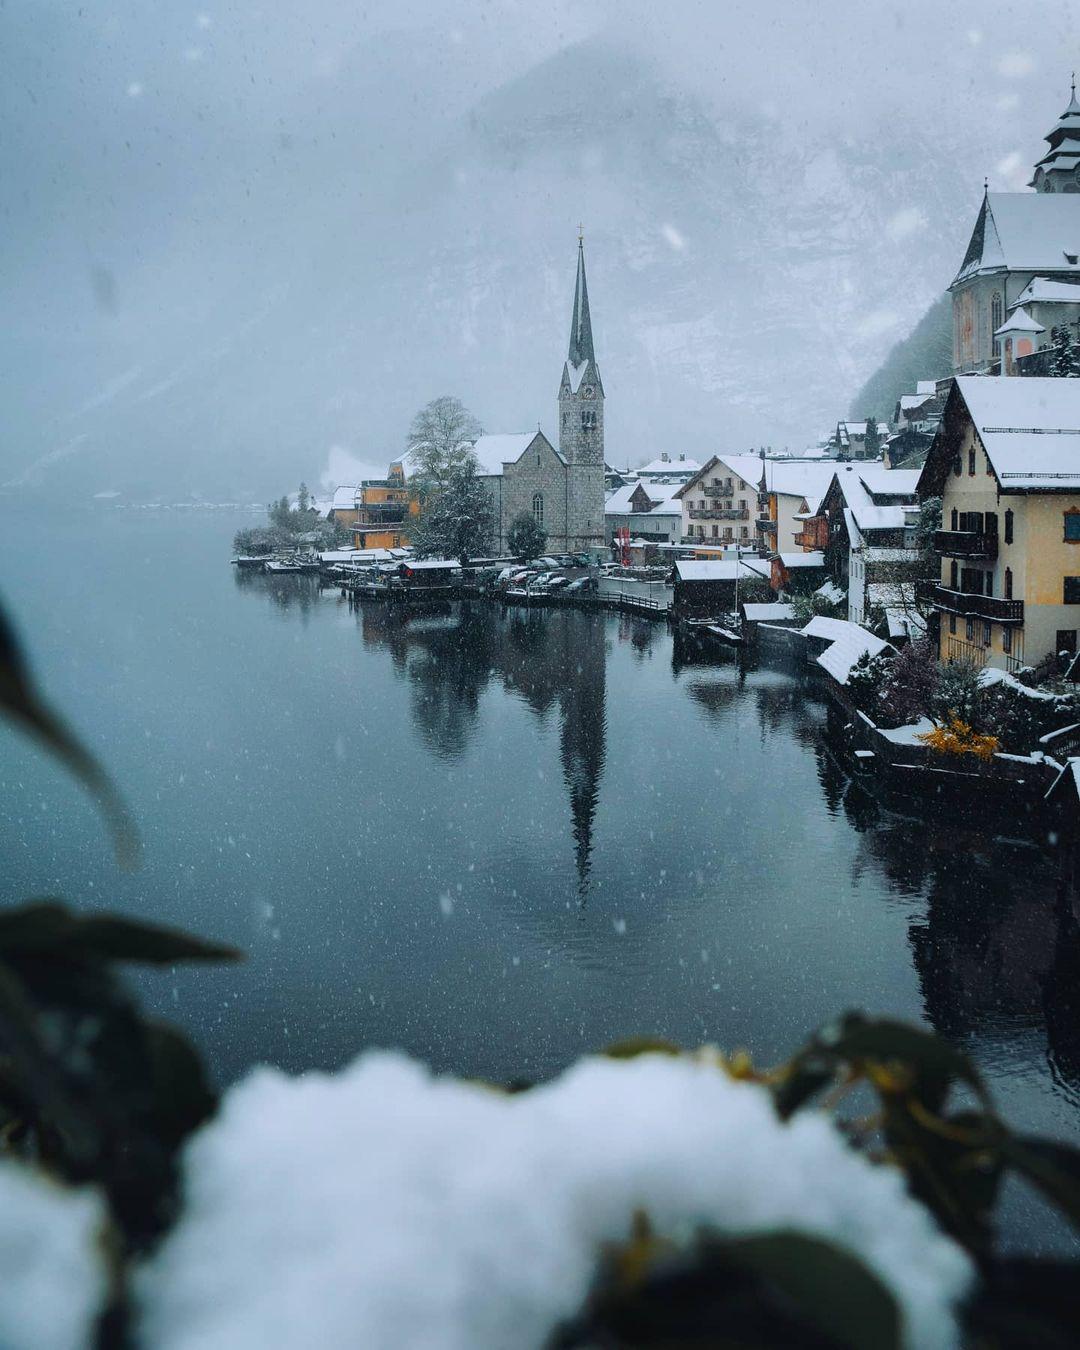 Приключения и путешествия на снимках Андре Александра